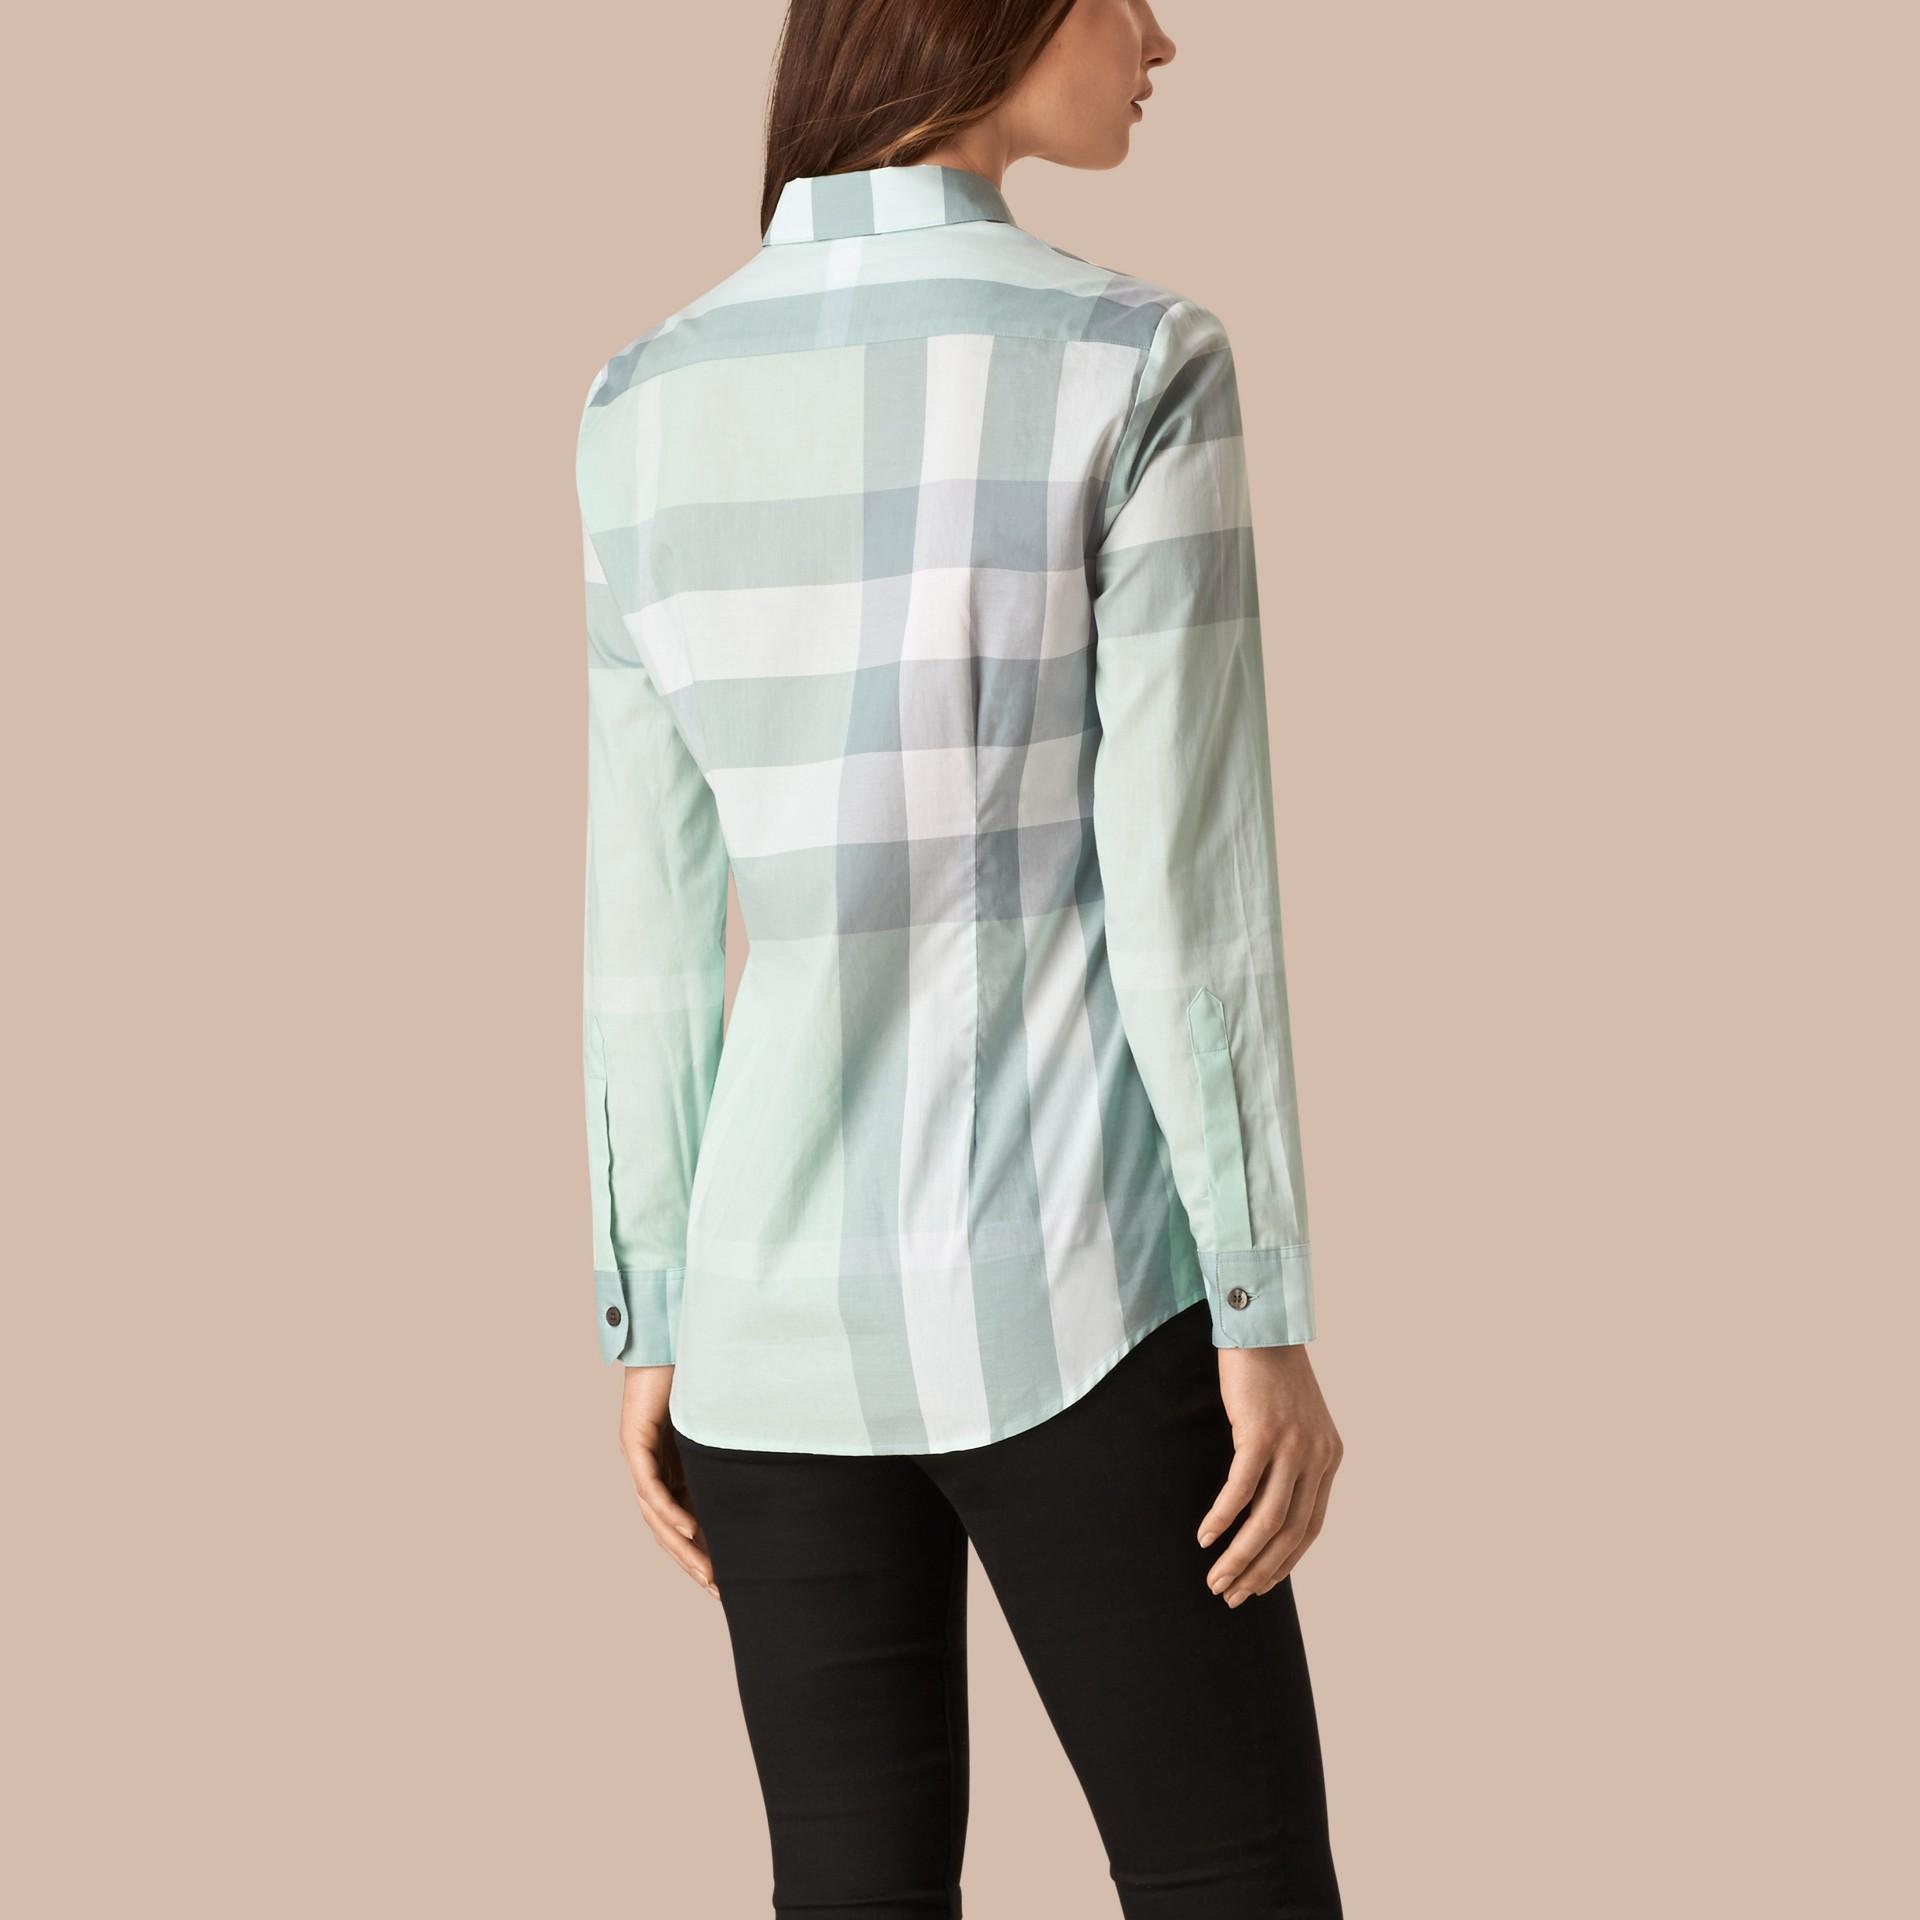 Azul talco Camisa xadrez de algodão Azul Talco - galeria de imagens 2